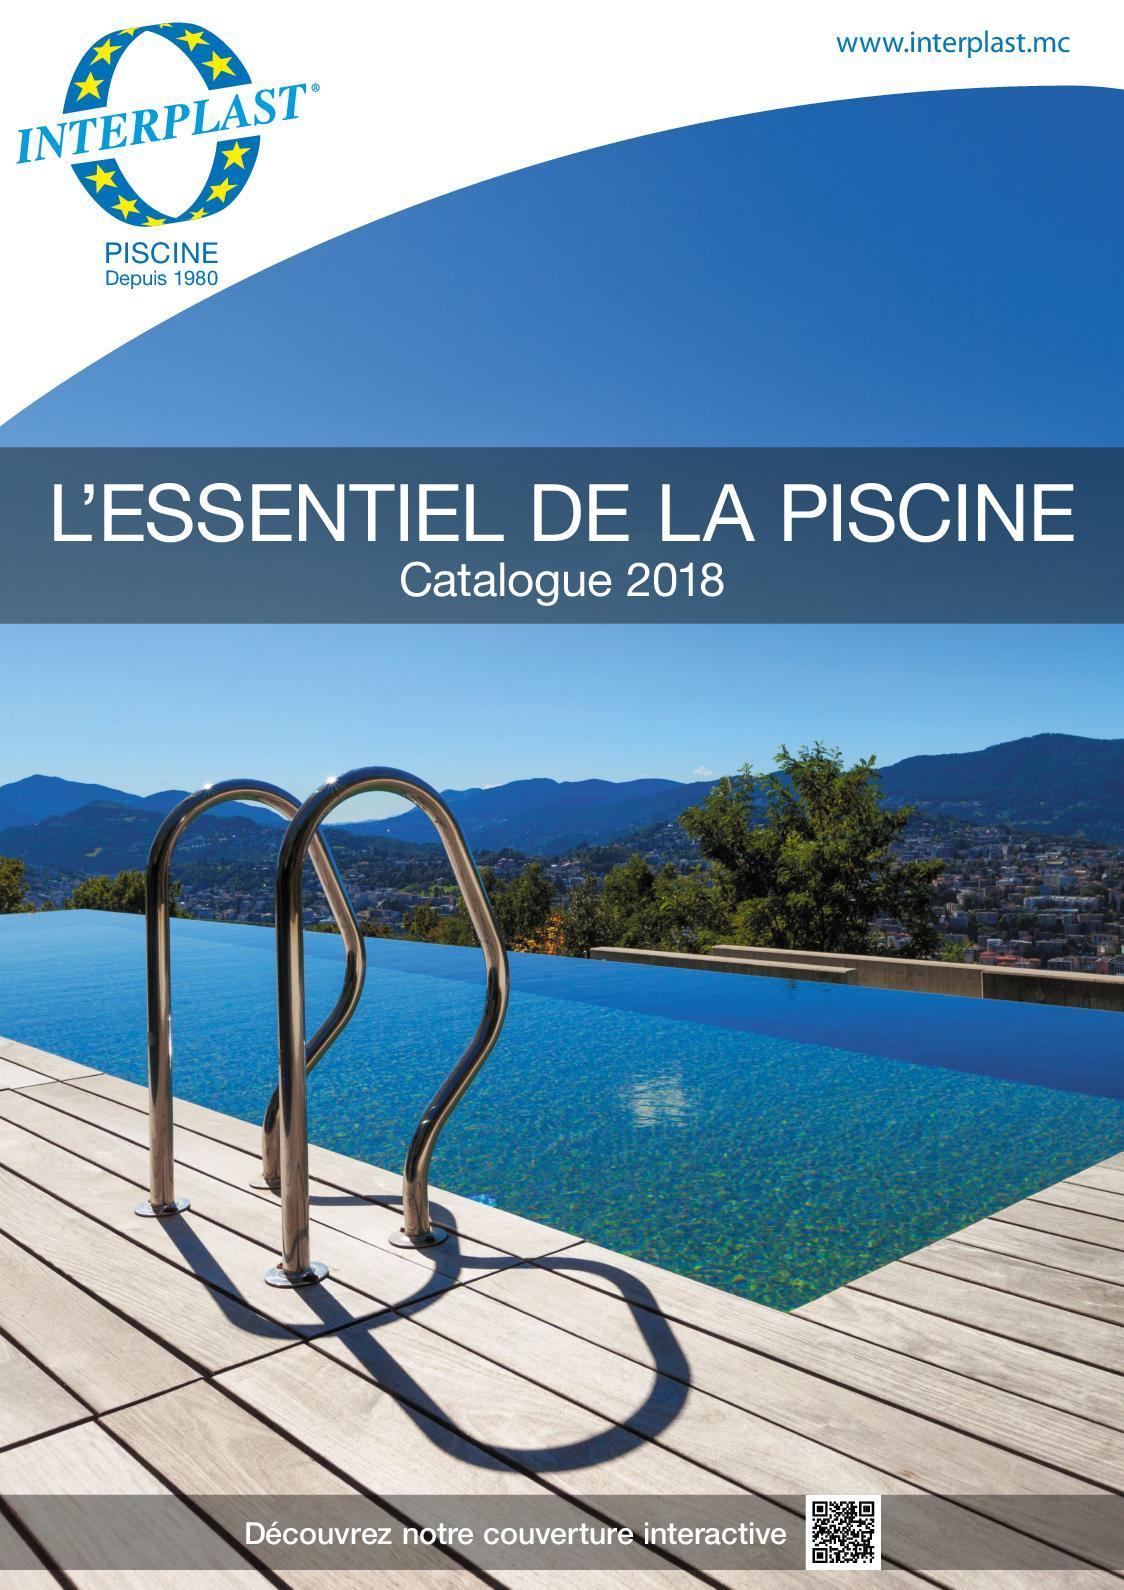 Calaméo - Catalogue Piscine 2018 - Interplast pour Piscine Encastrable